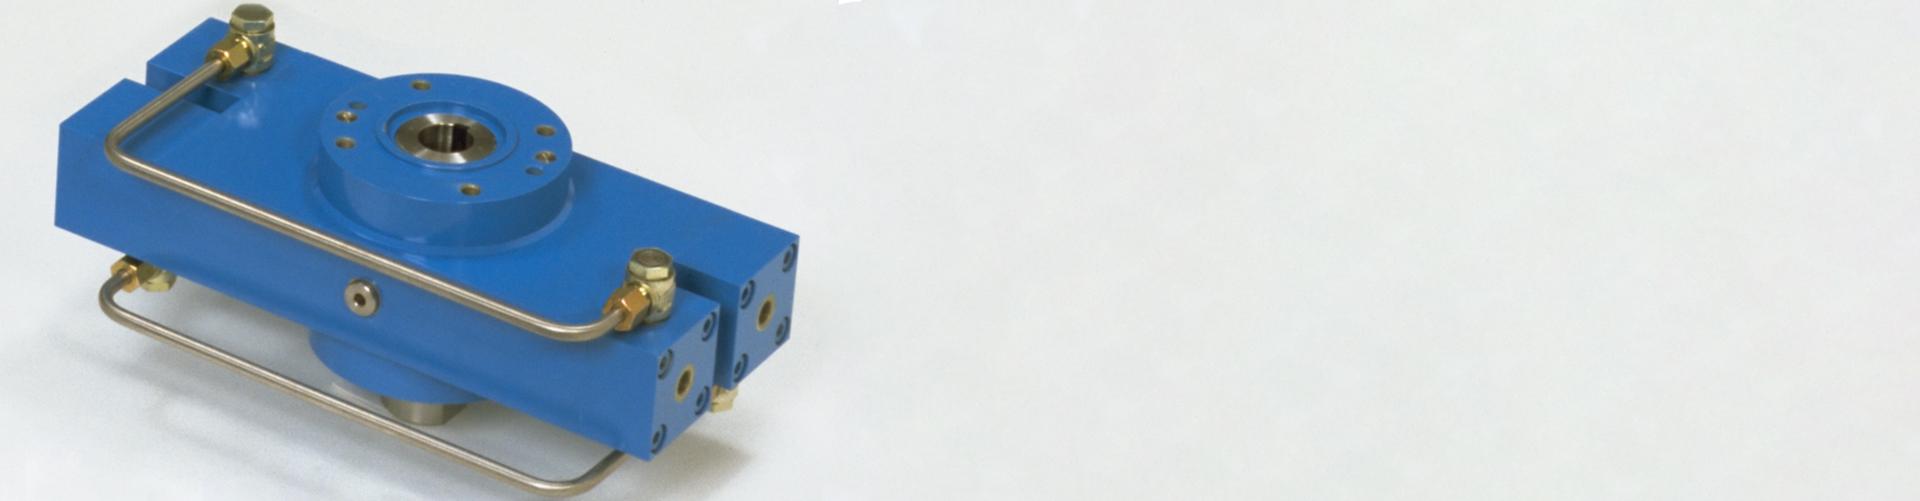 400 DKSE – Hydraulik-Doppelkolben-Schwenkeinheiten